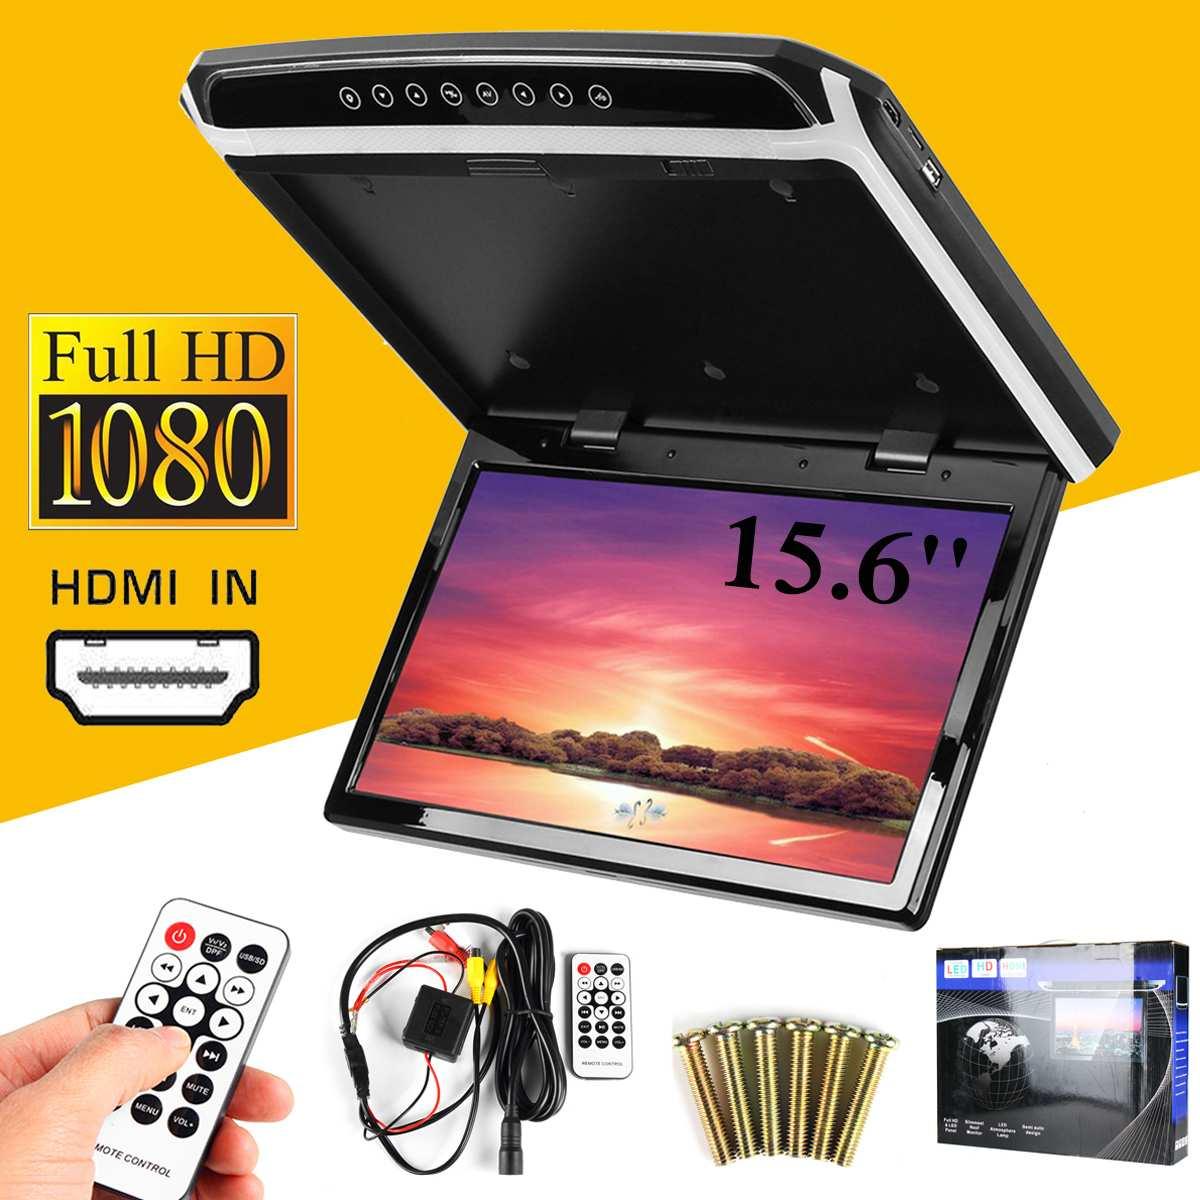 15.6 HD lecteur DVD de voiture grand écran HDMI plafond de voiture rabattable moniteur lecteur de montage sur le toit 1920*1080 - 3